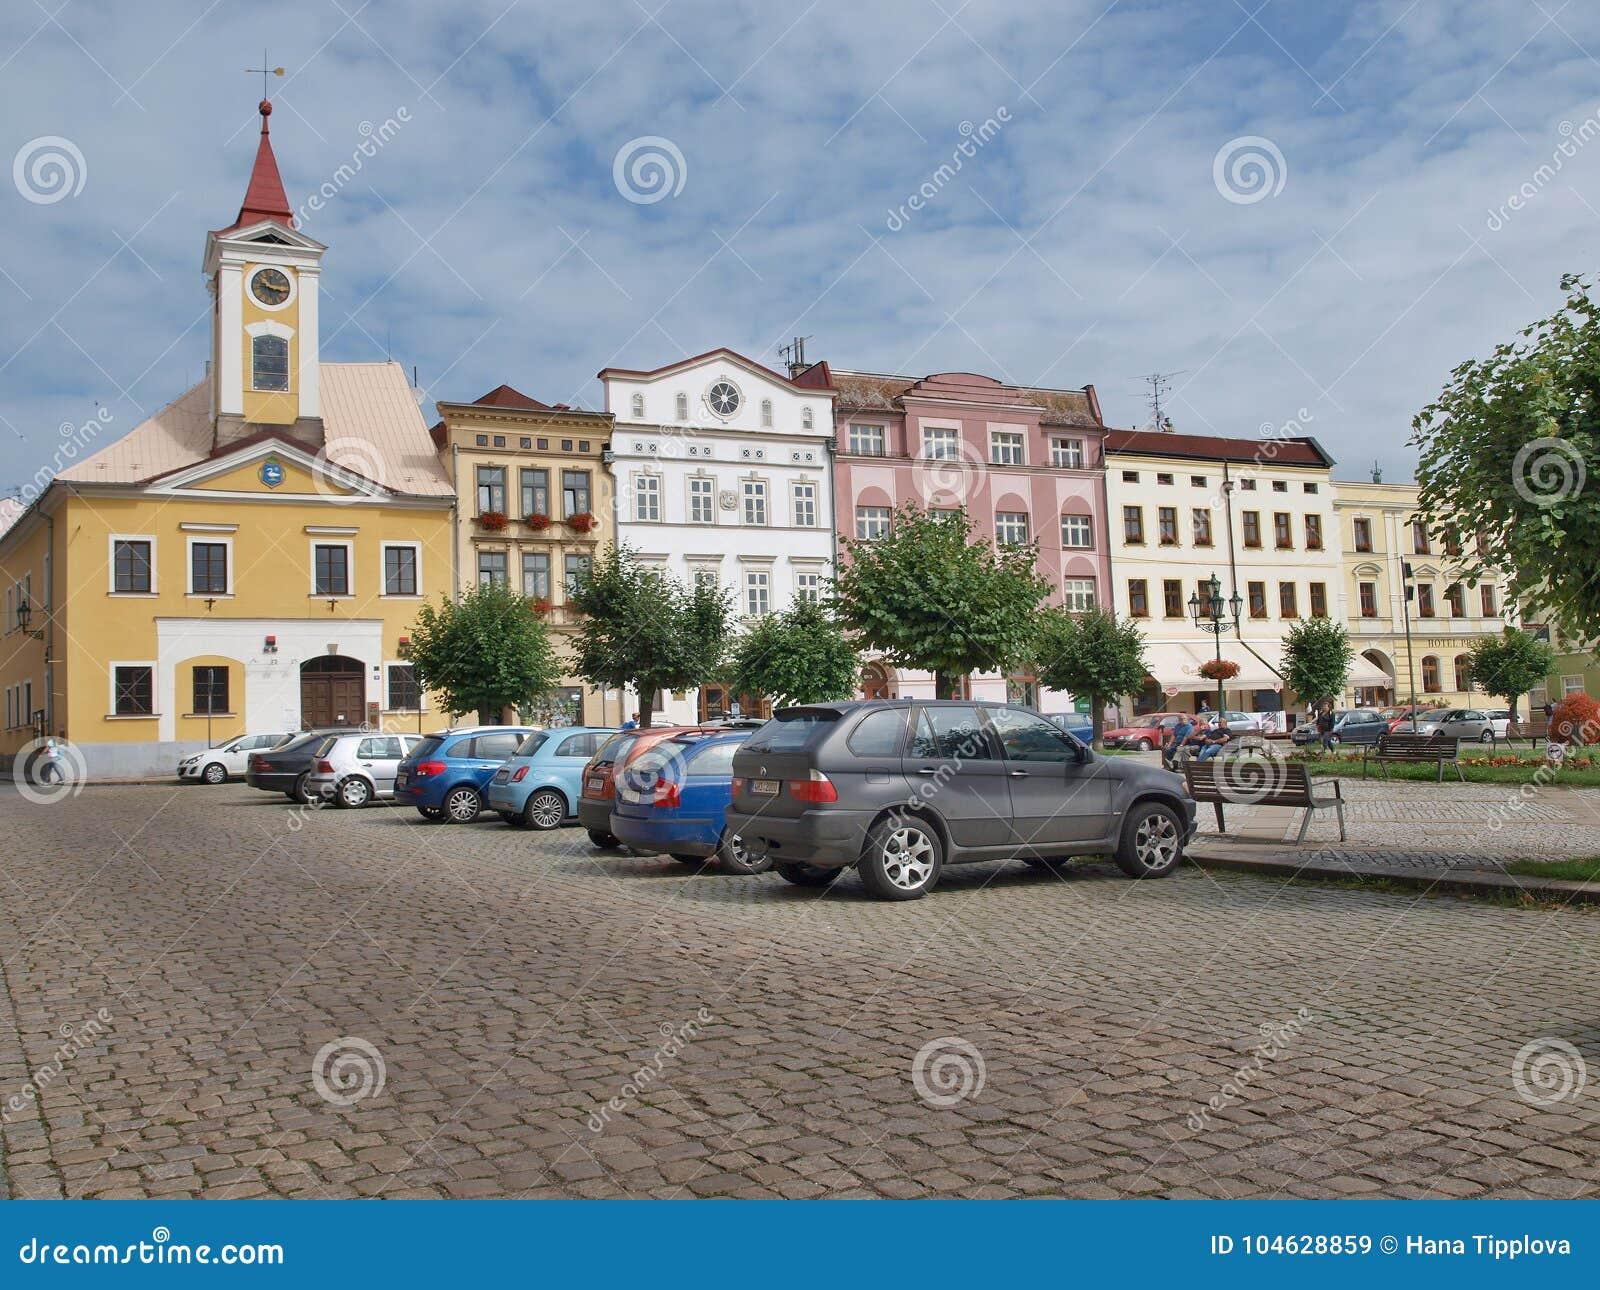 Download Historisch Vierkant, Stad Van Broumov, Oostelijke Bohemen Redactionele Stock Afbeelding - Afbeelding bestaande uit historisch, geschiedenis: 104628859